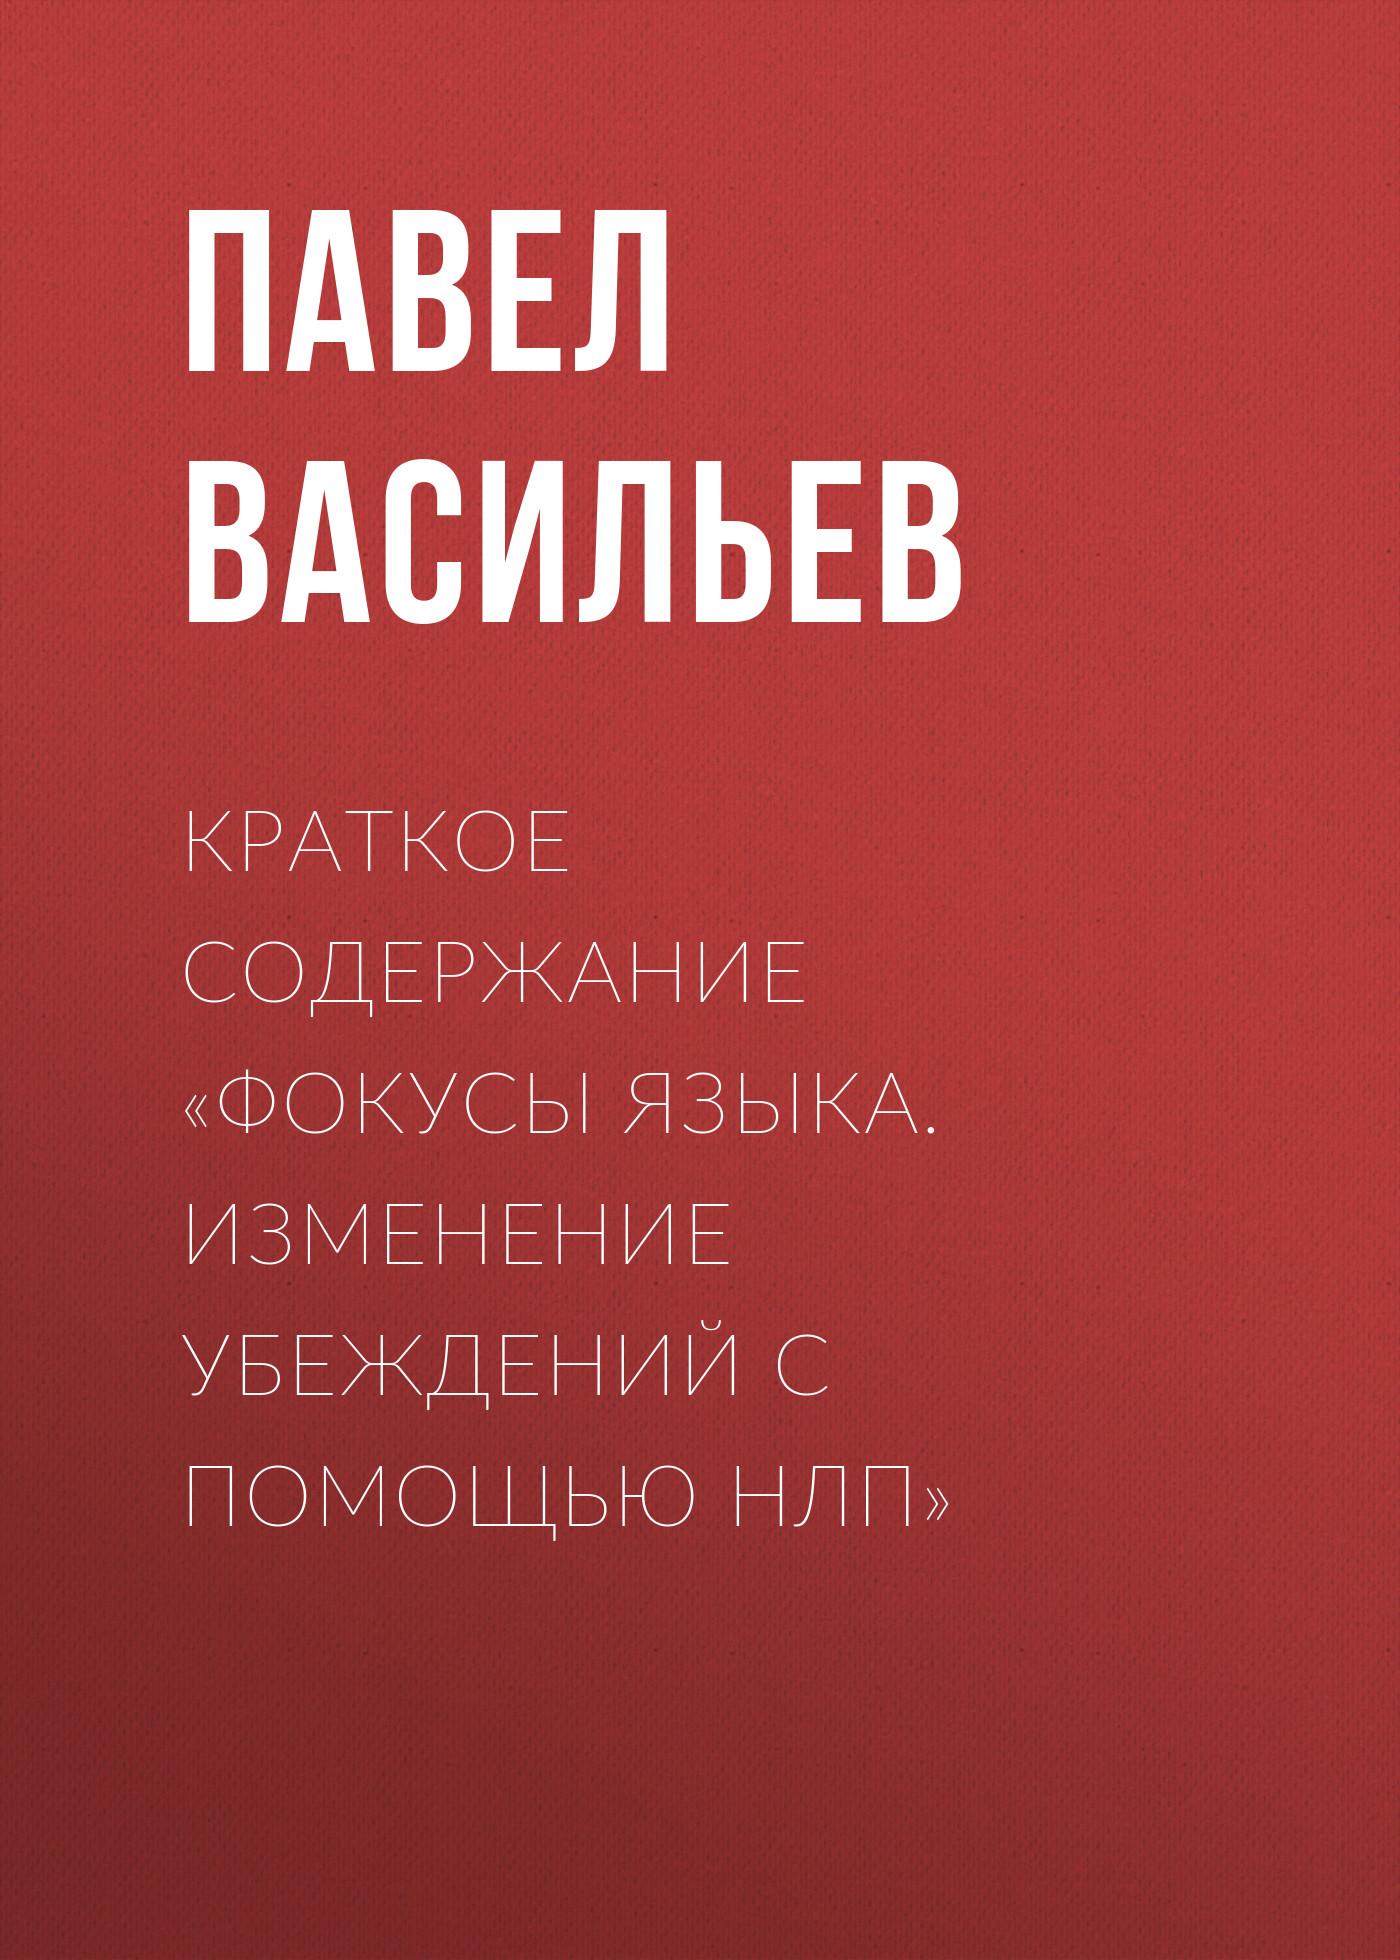 Краткое содержание «Фокусы языка. Изменение убеждений с помощью НЛП»